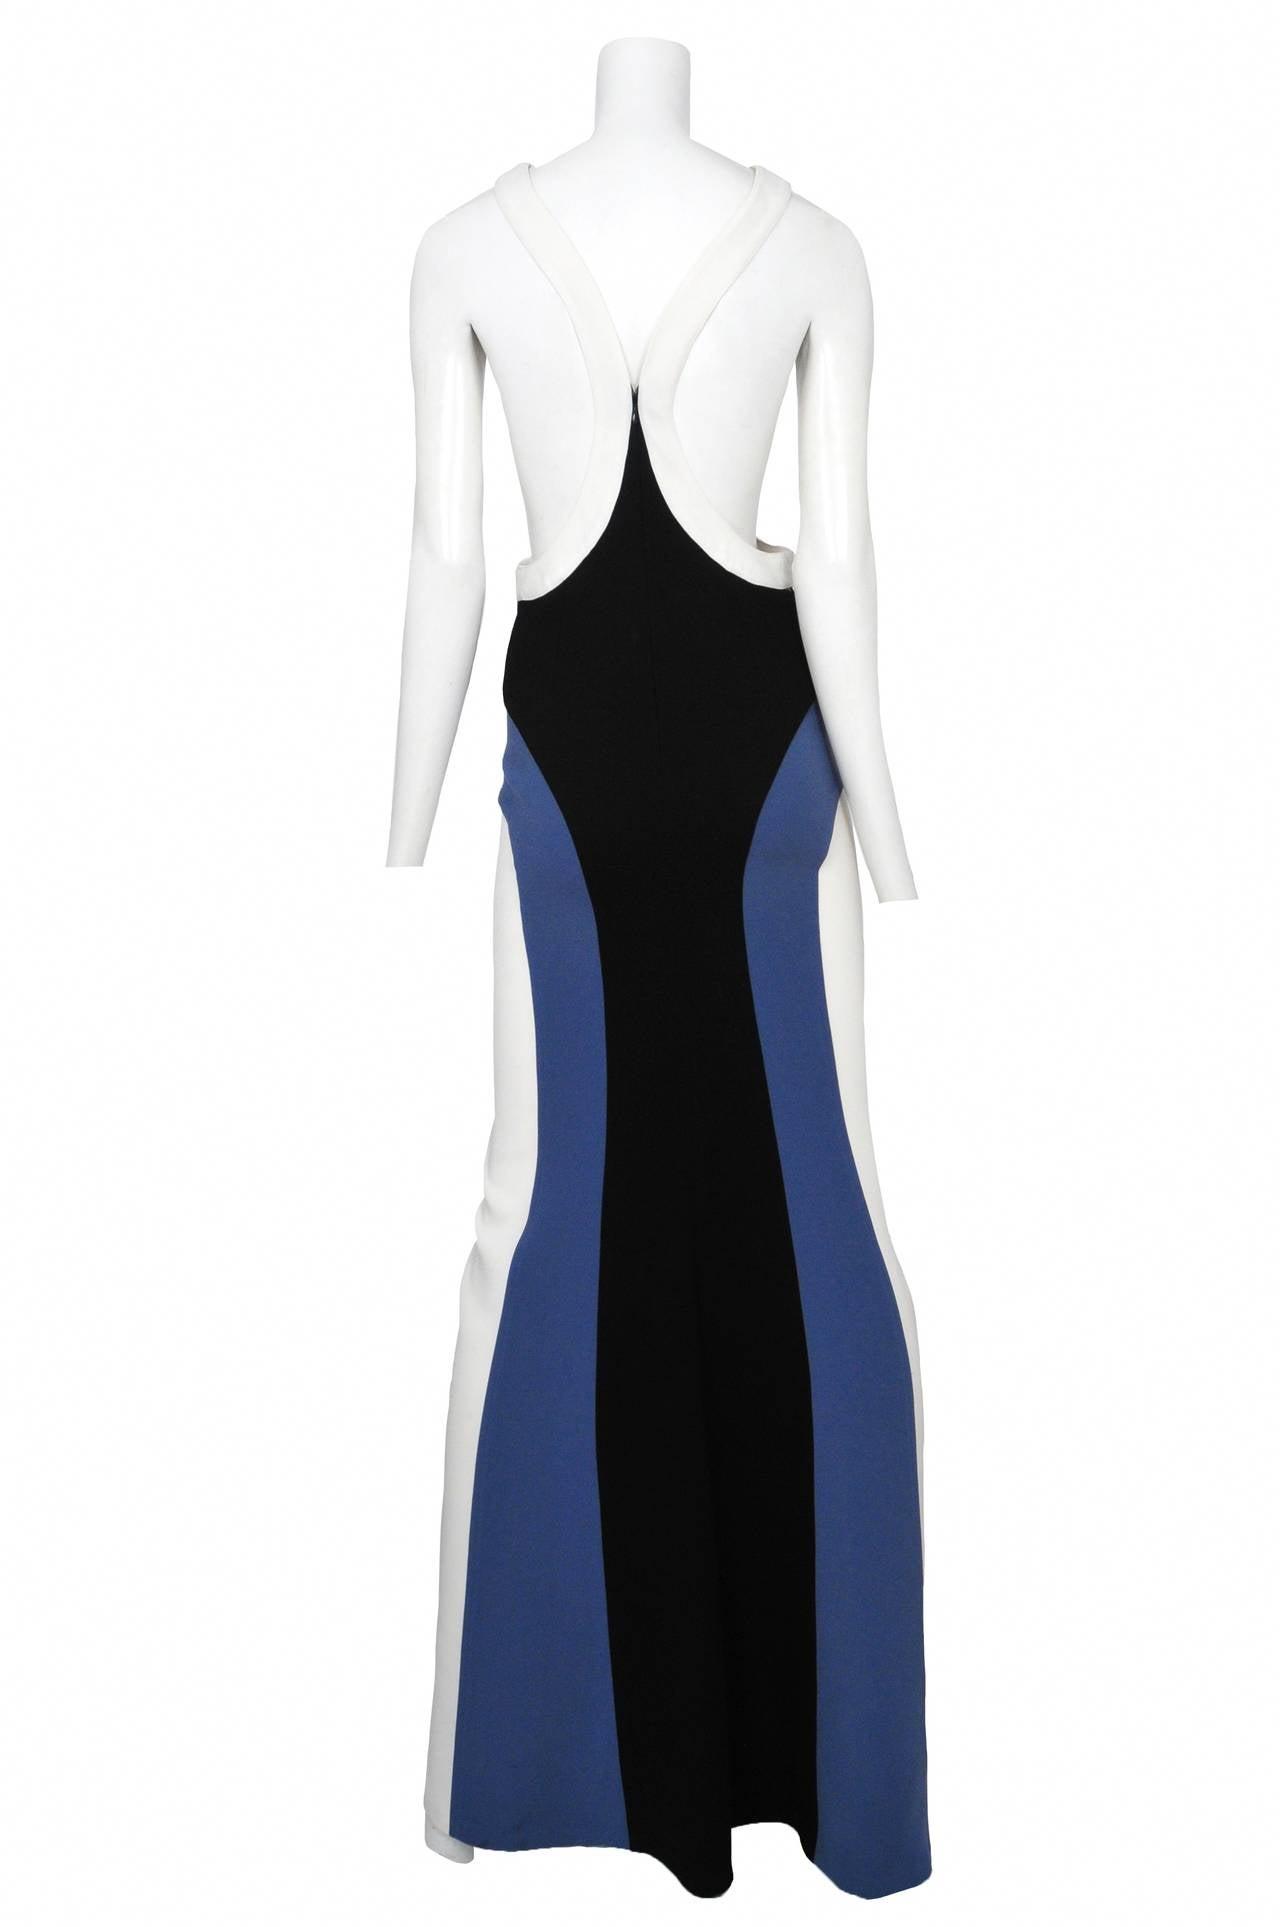 Jean Paul Gaultier Pop Art Dress at 1stdibs